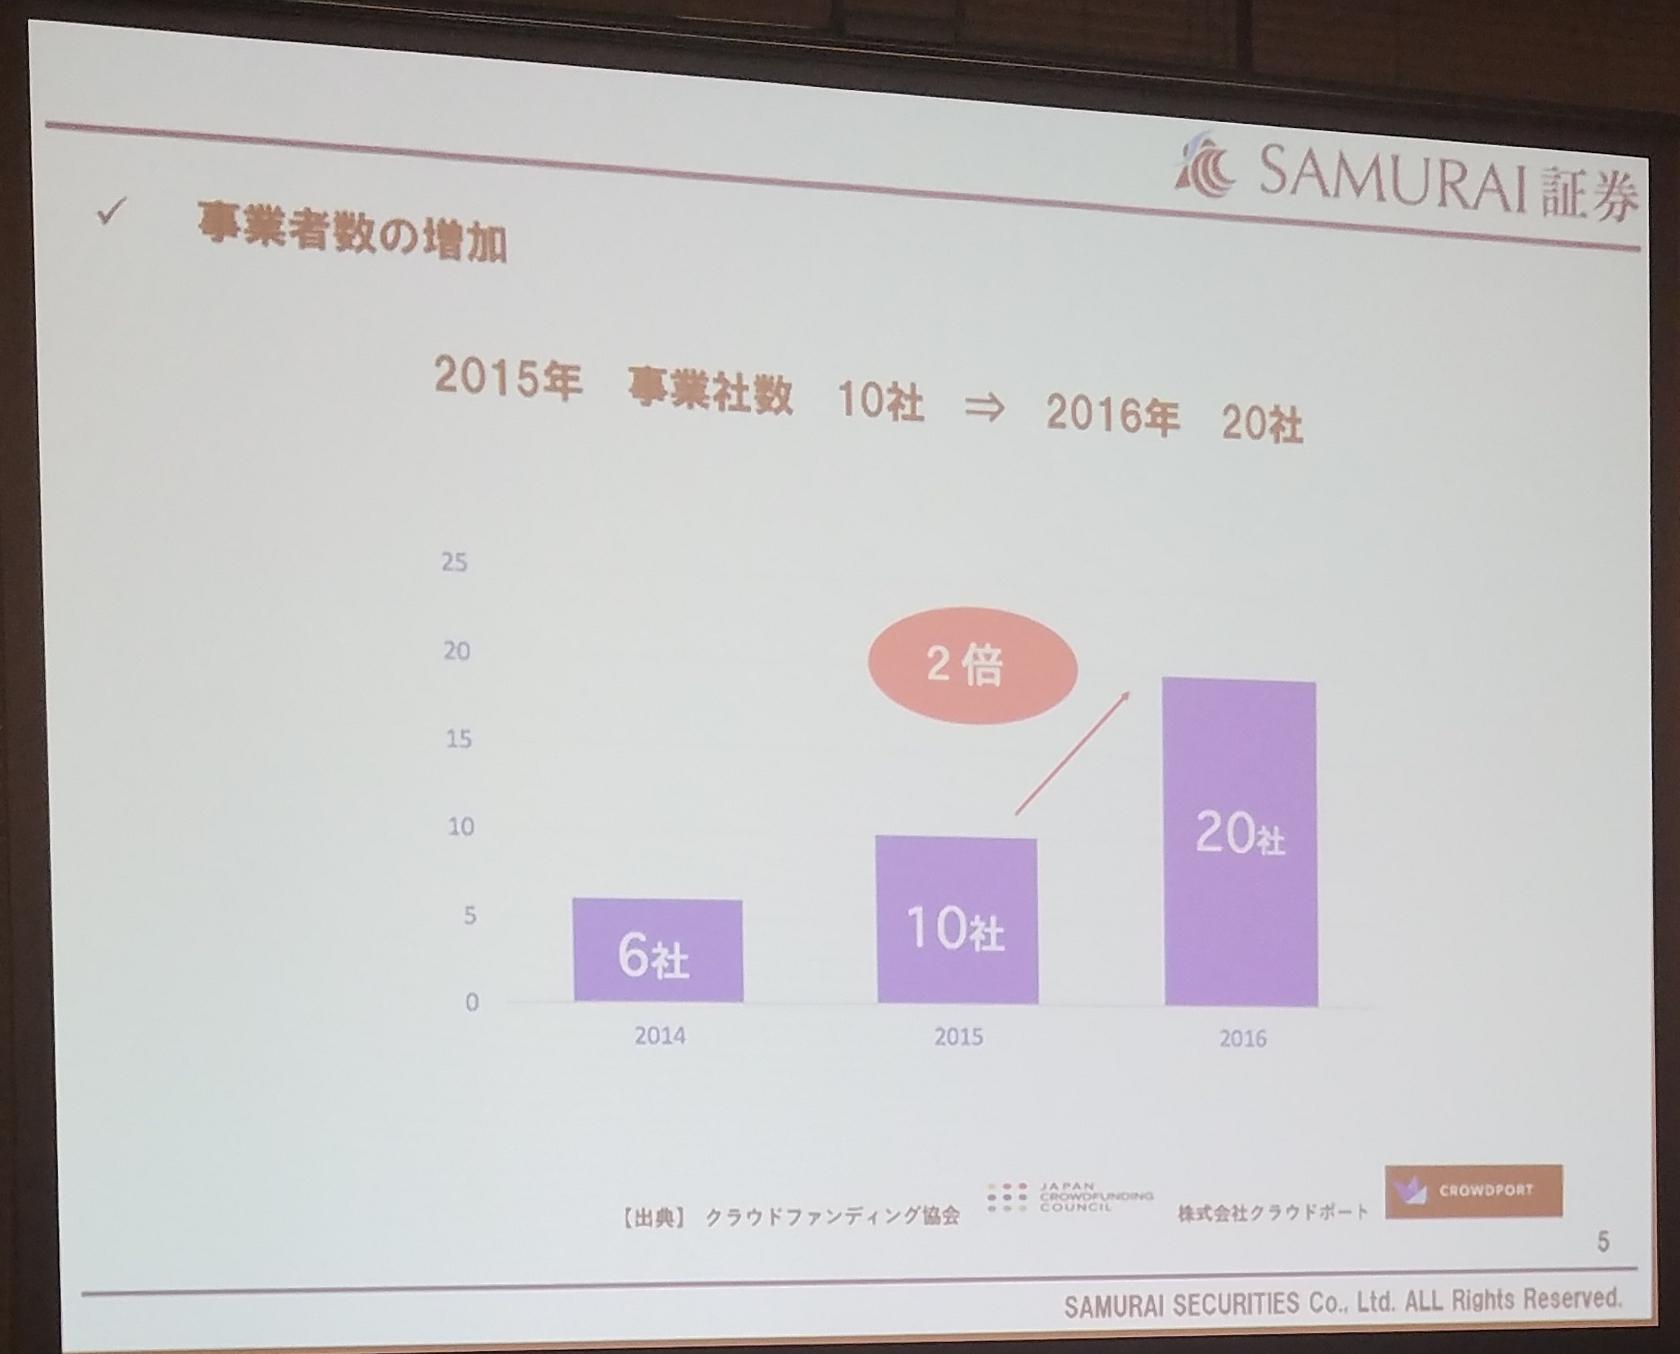 05_SAMURAIセミナー参加報告